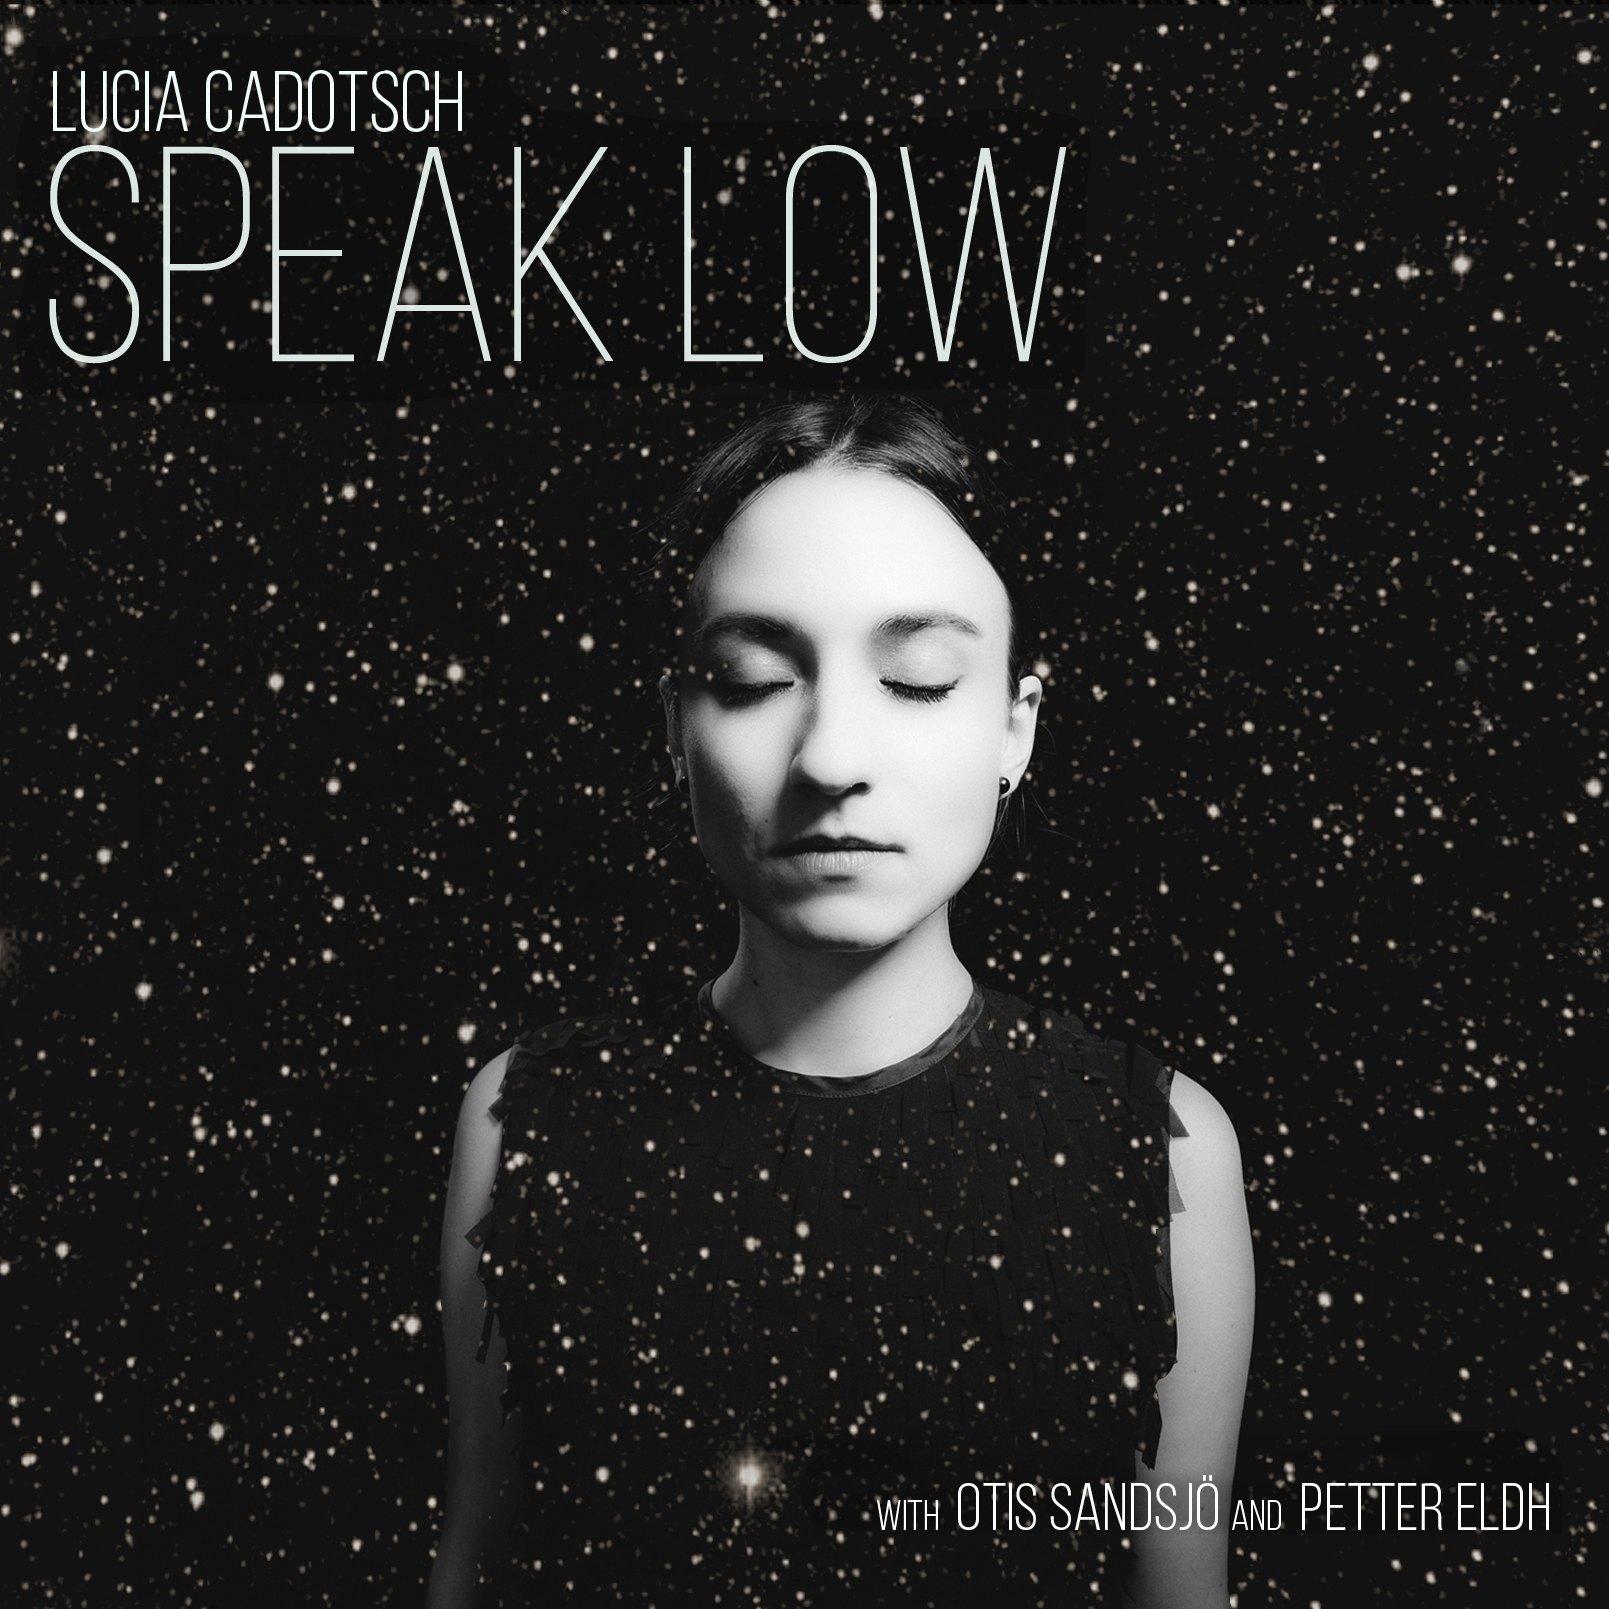 LUCIA CADOTSCH - SPEAK LOW